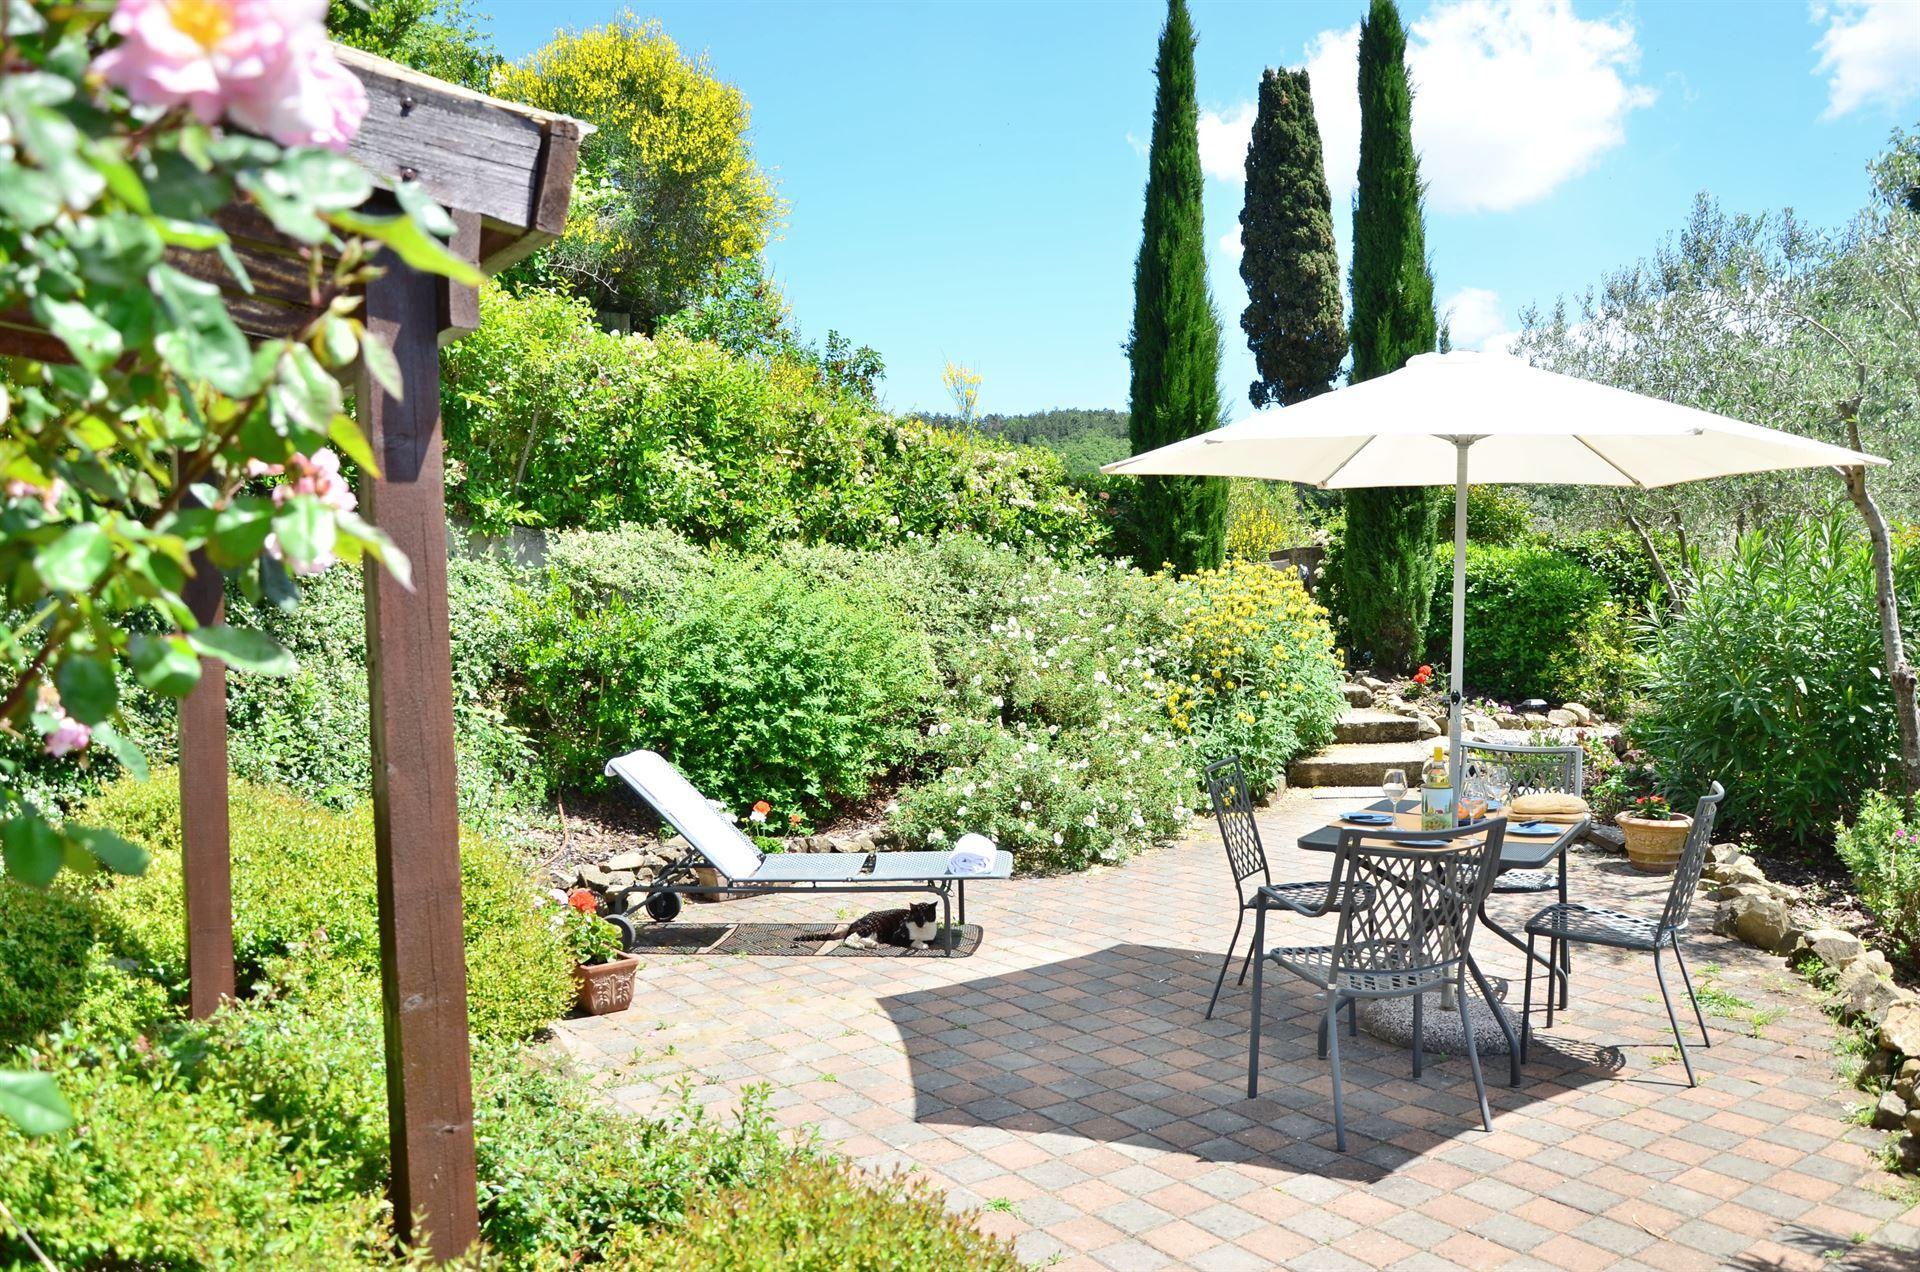 Ferienhaus Casa Della Nonna A Montefienali Toskana Urlaub In Gaiole In Chianti Siena Toskana Italien Toskana Urlaub Toskana Italien